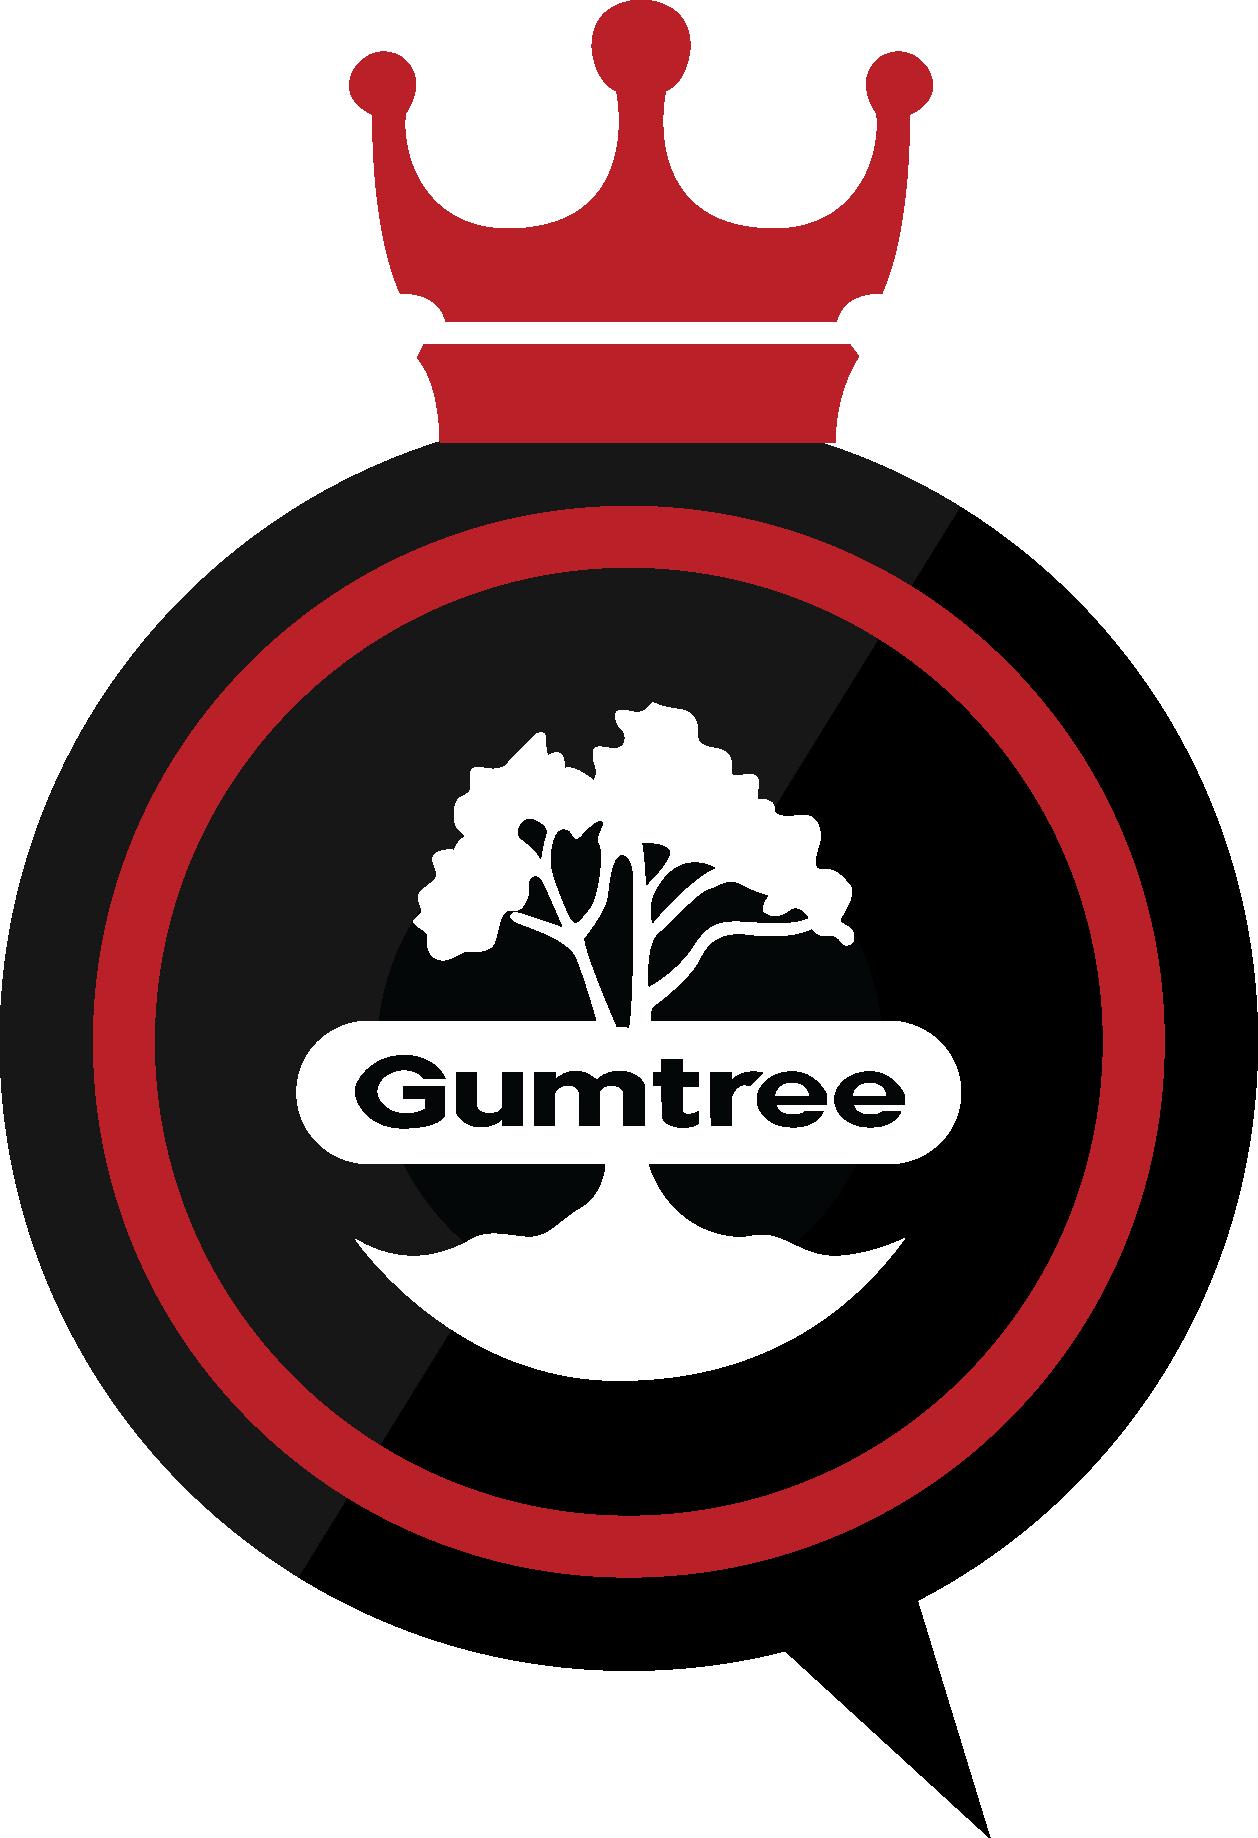 Gumtree- Social Media